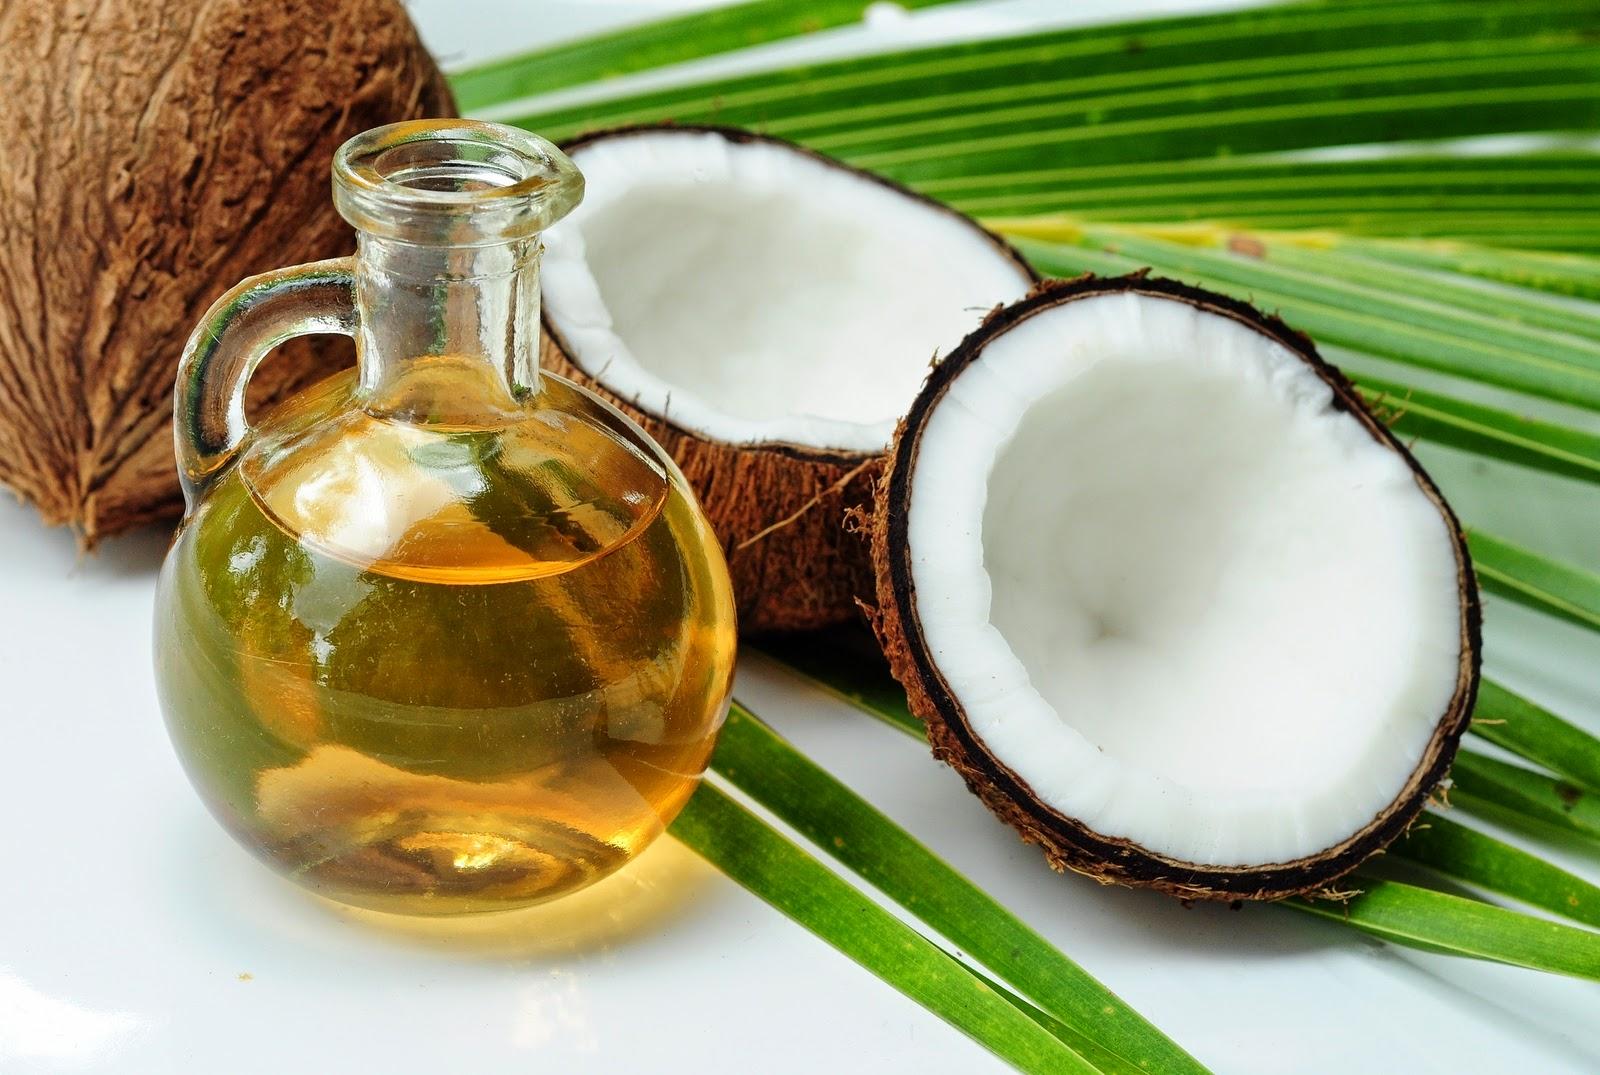 jual minyak kelapa vco adalah